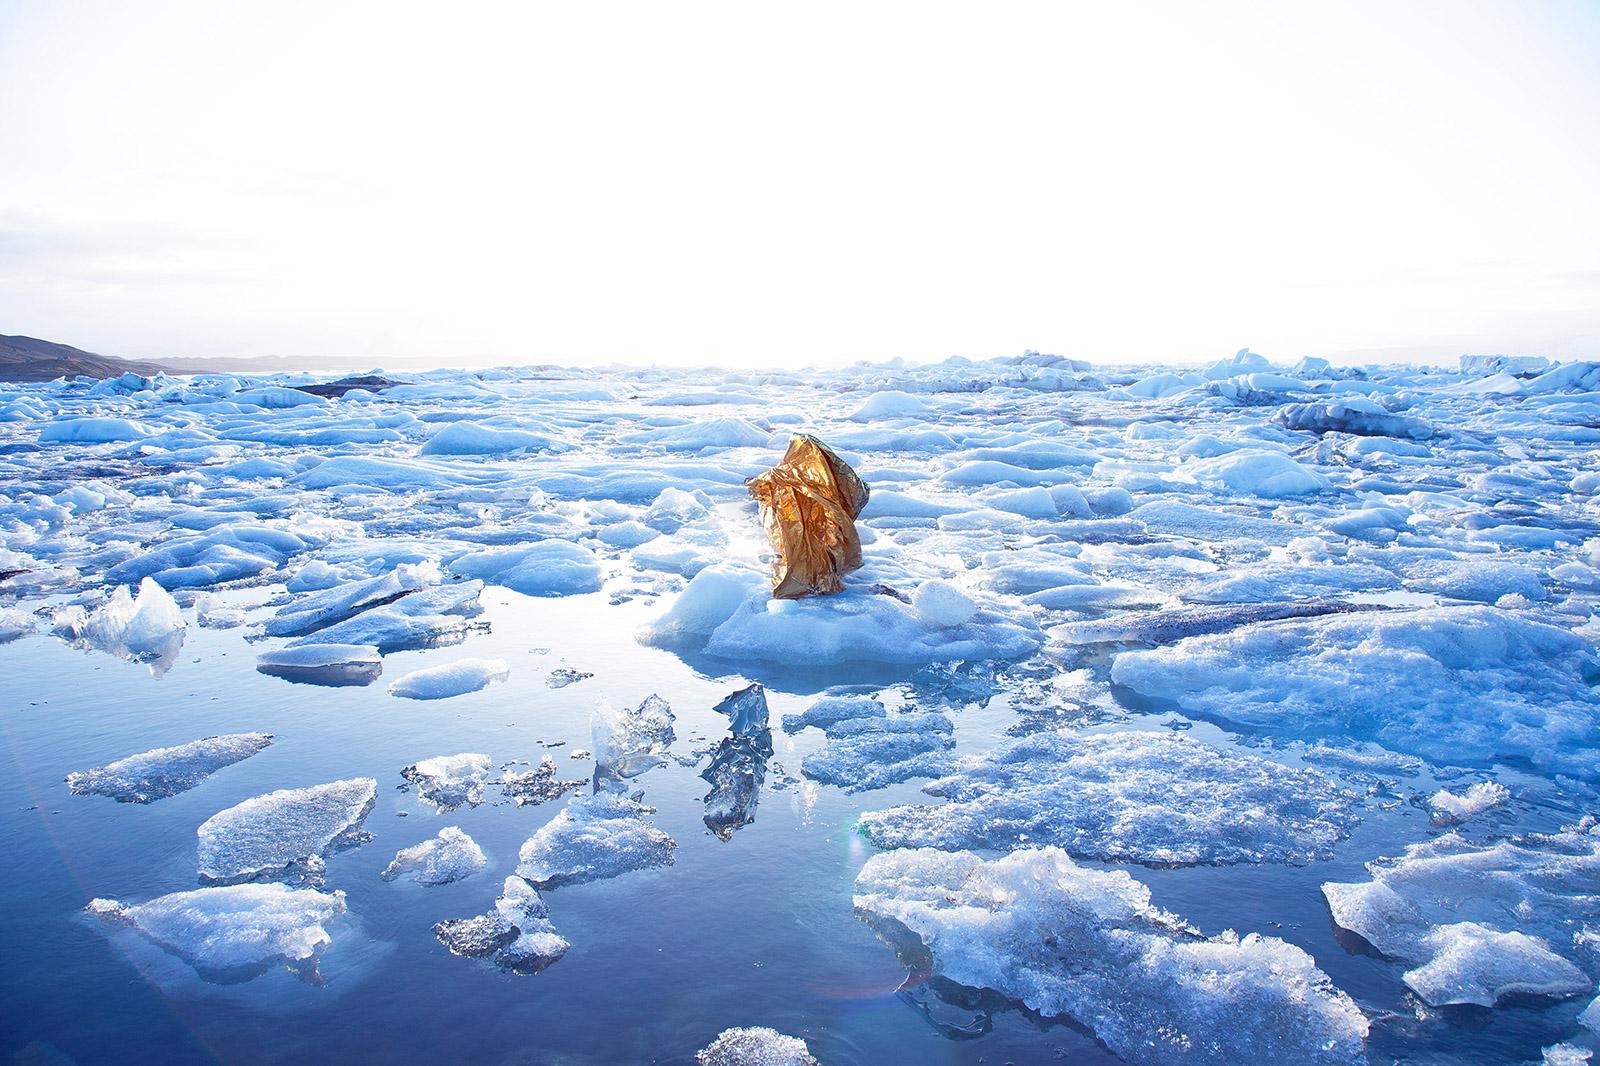 Glacier-Lagoon | Edition of 10 | 2015 | Edition of 10